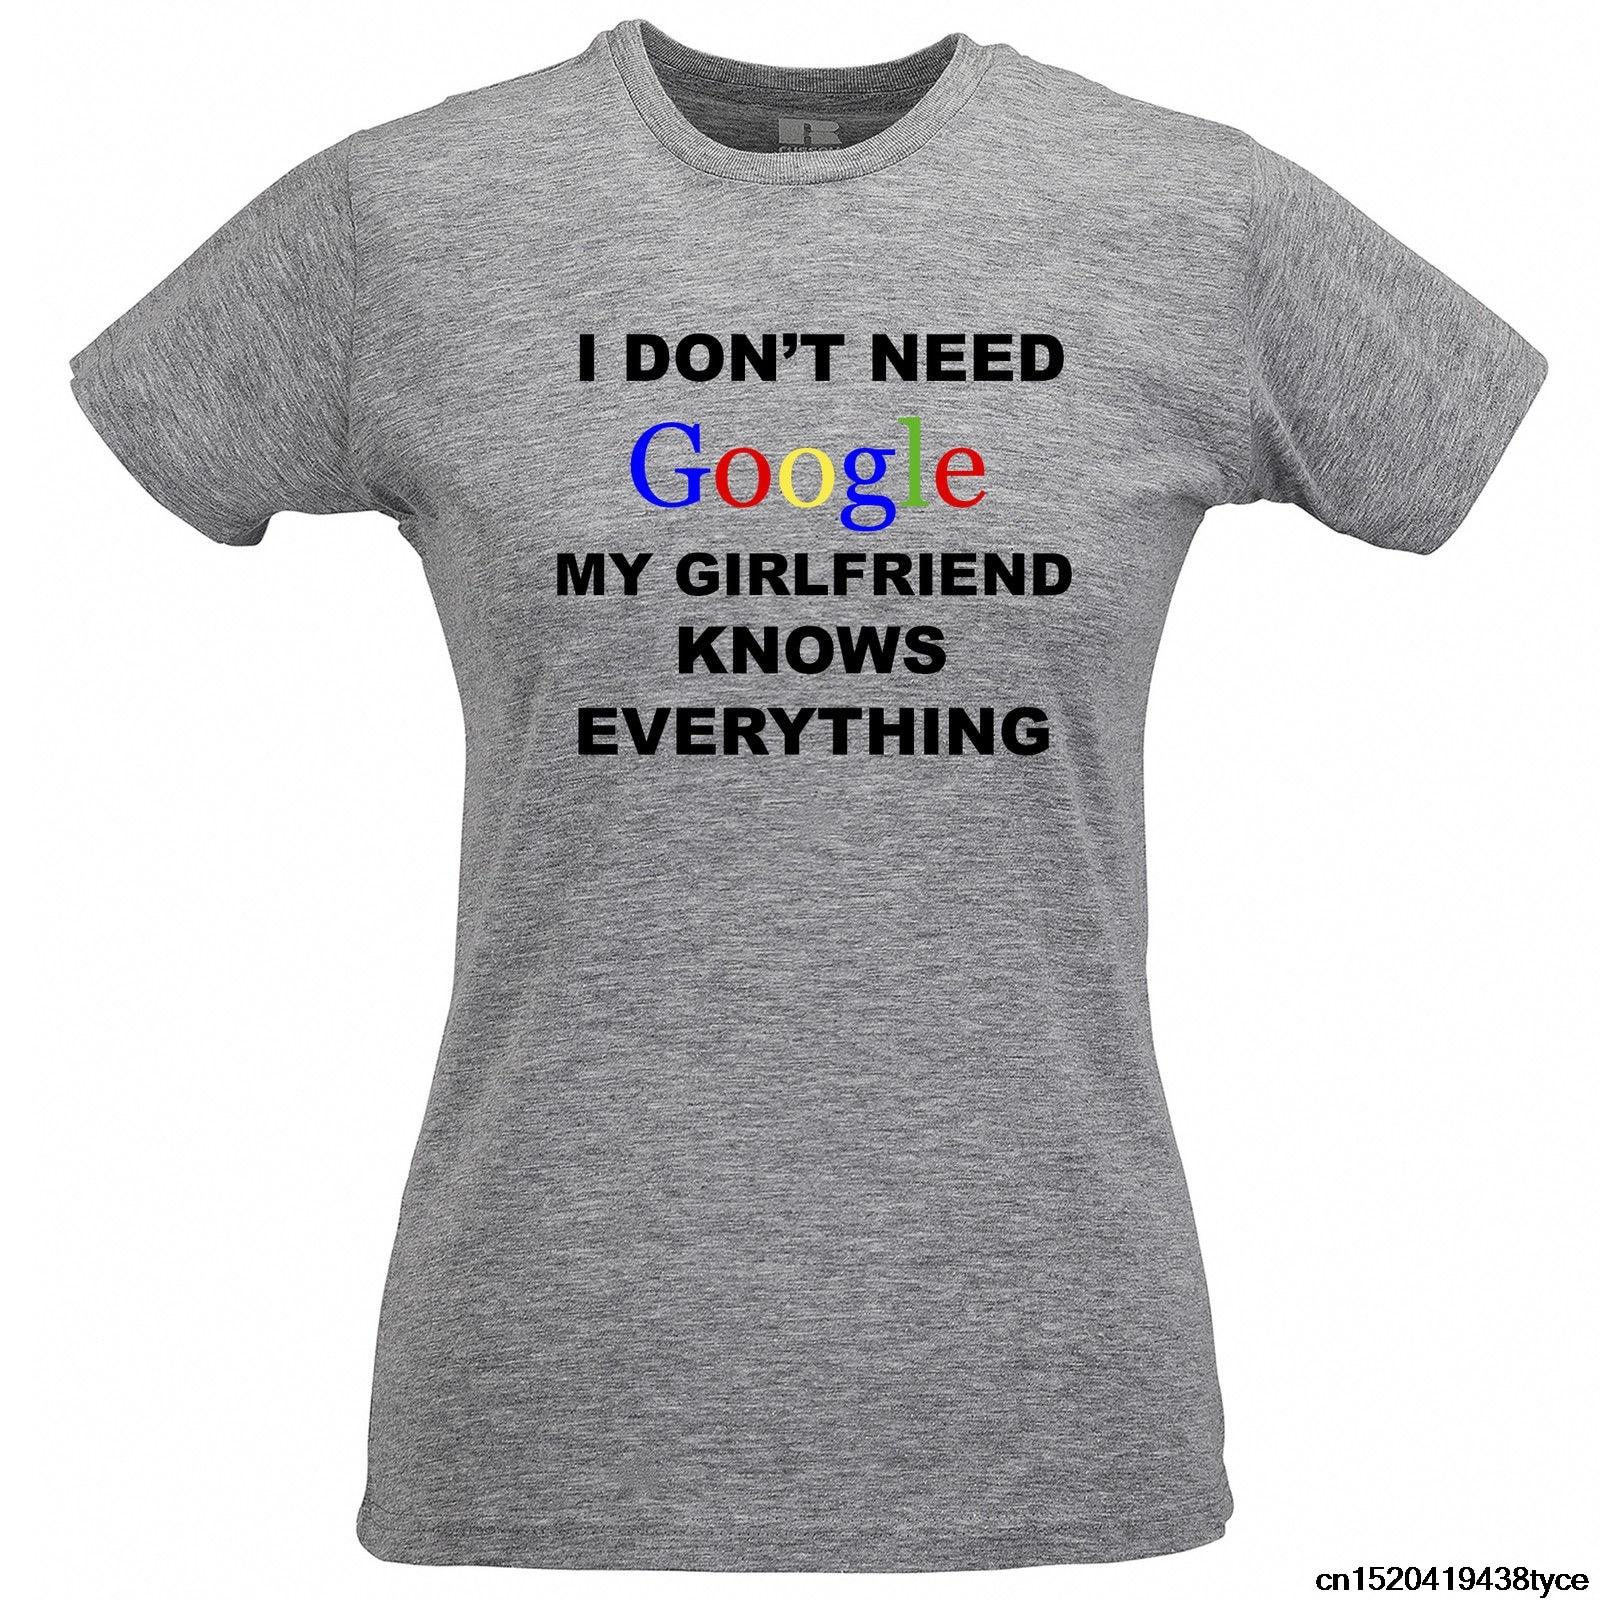 ich brauche eine freundin